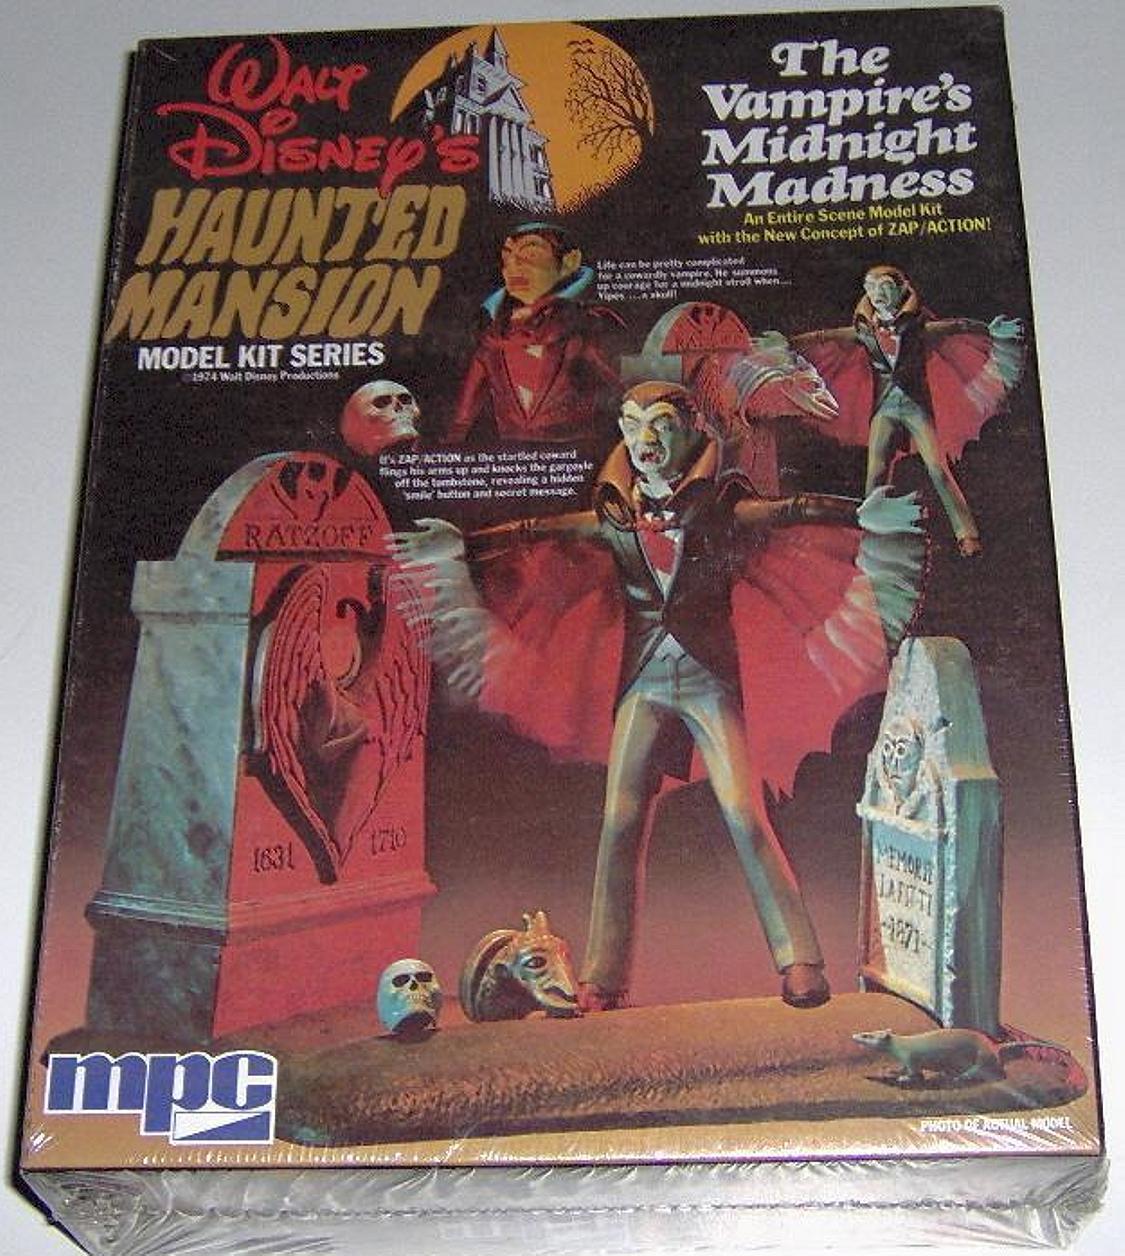 Vampires Midnight Madness